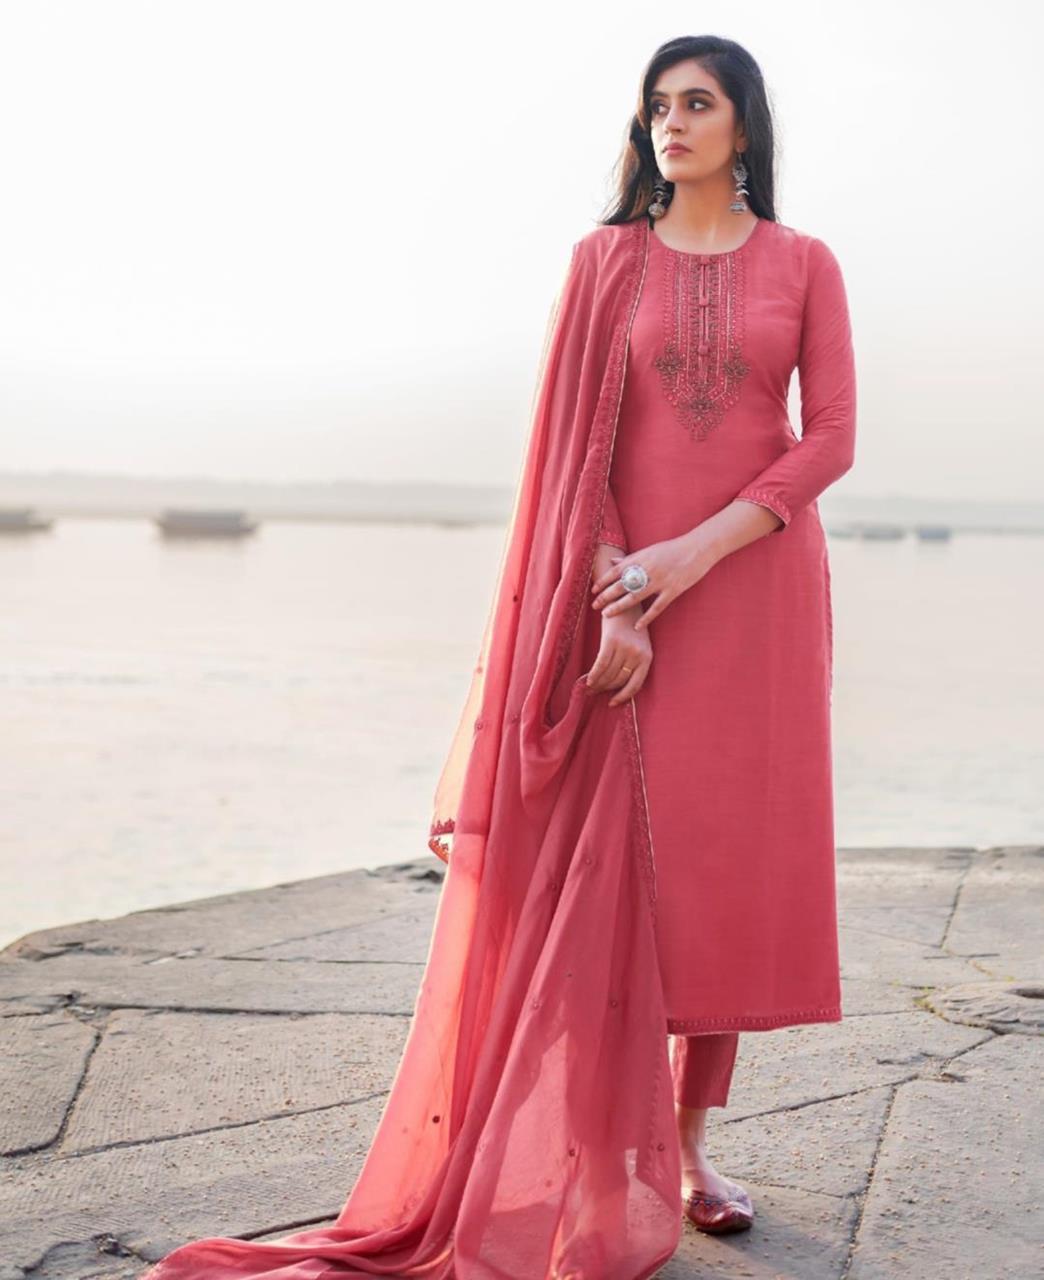 HandWorked Cotton Straight cut Salwar Kameez in Rose Pink